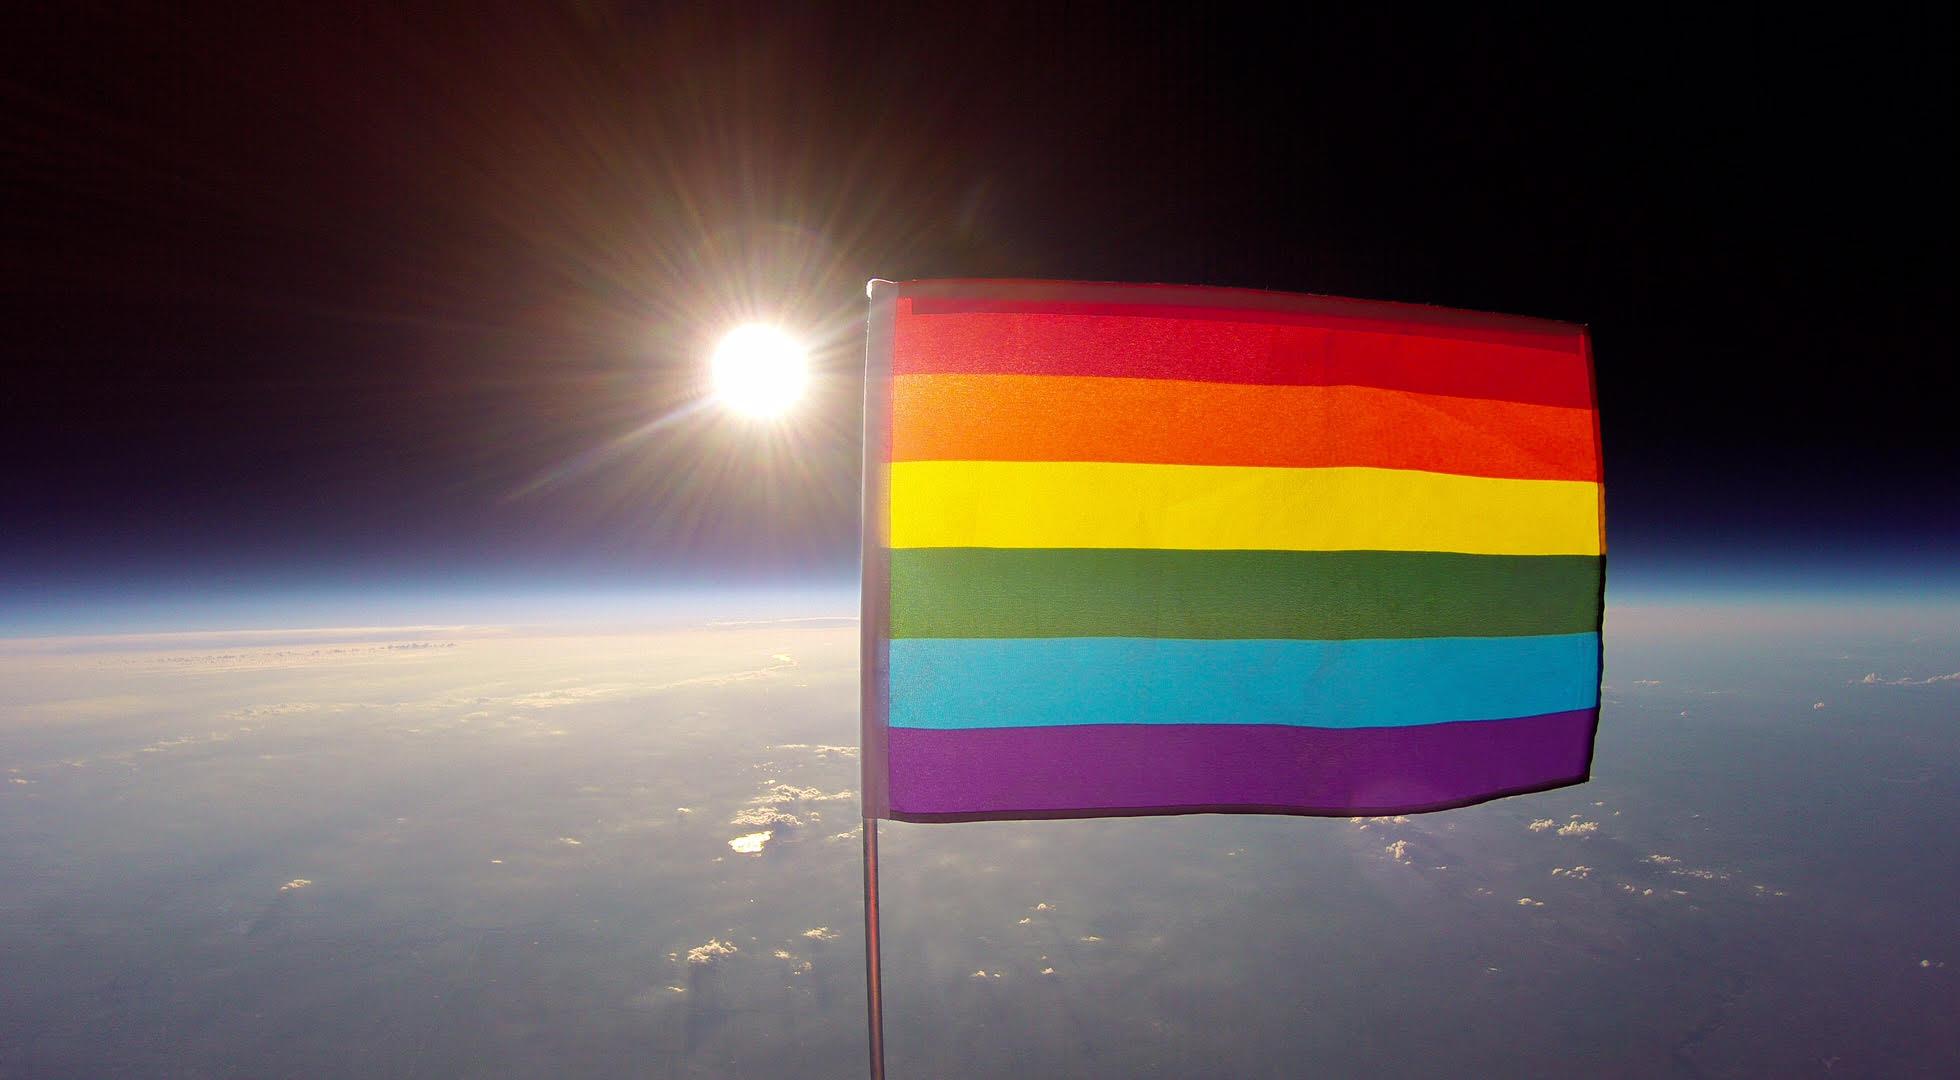 Un drapeau arc-en-ciel dans l'espace pour « promouvoir les libertés fondamentales qui élèvent l'humanité » (VIDEOS)